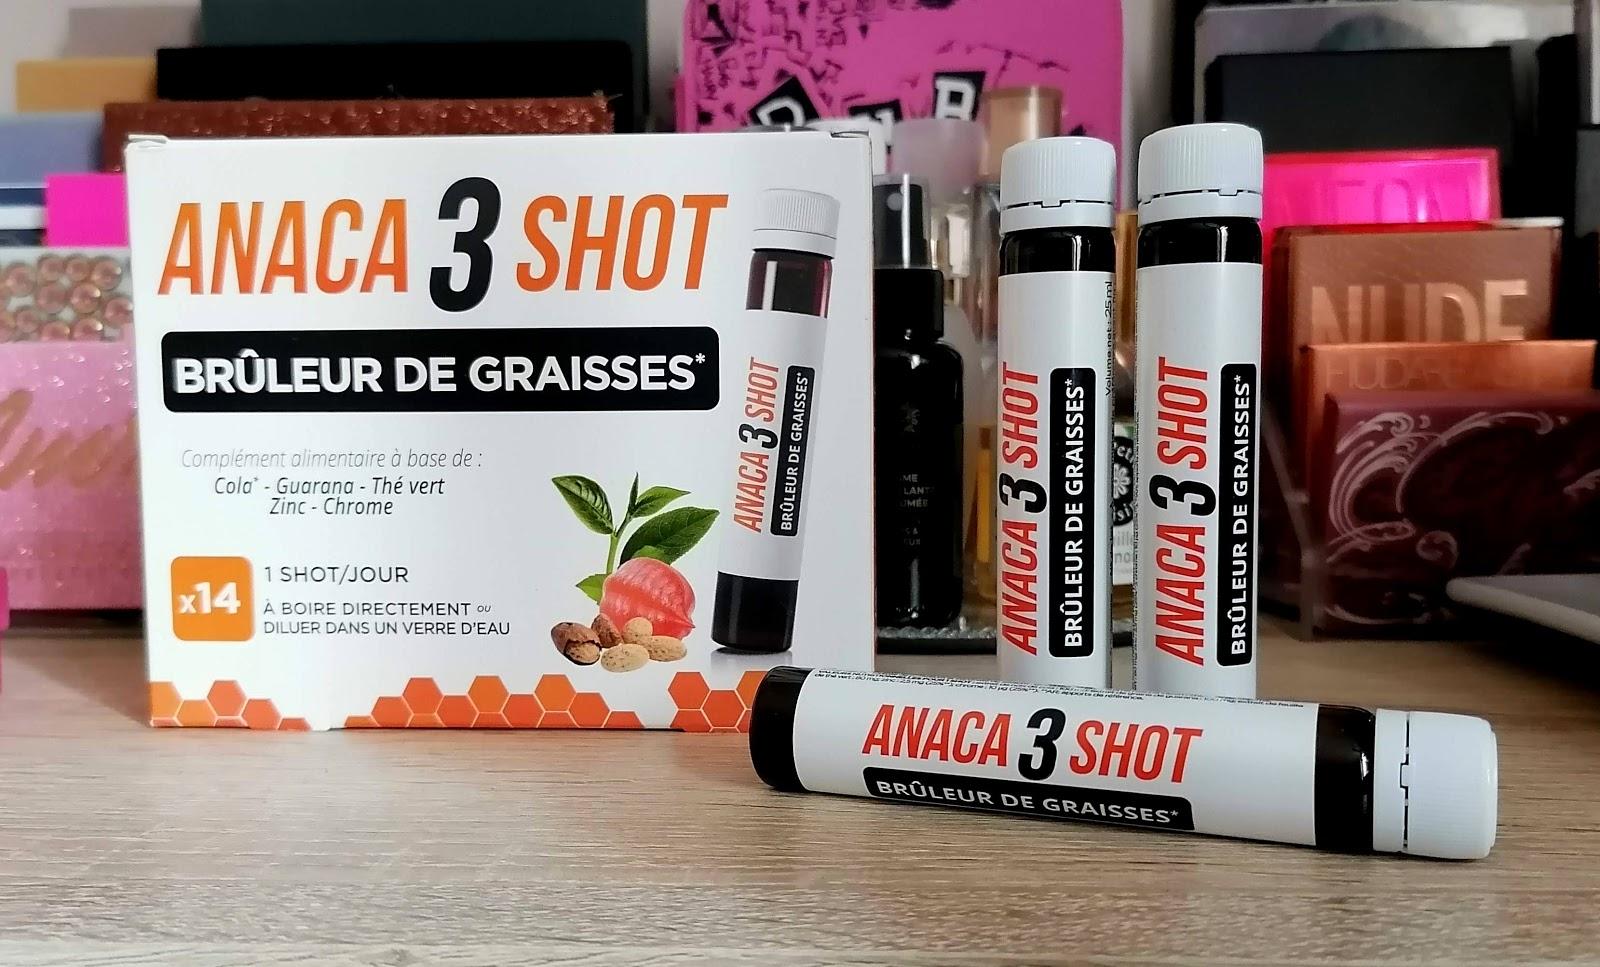 Découverte d'ANACA3 Shot Brûleur de graisse!